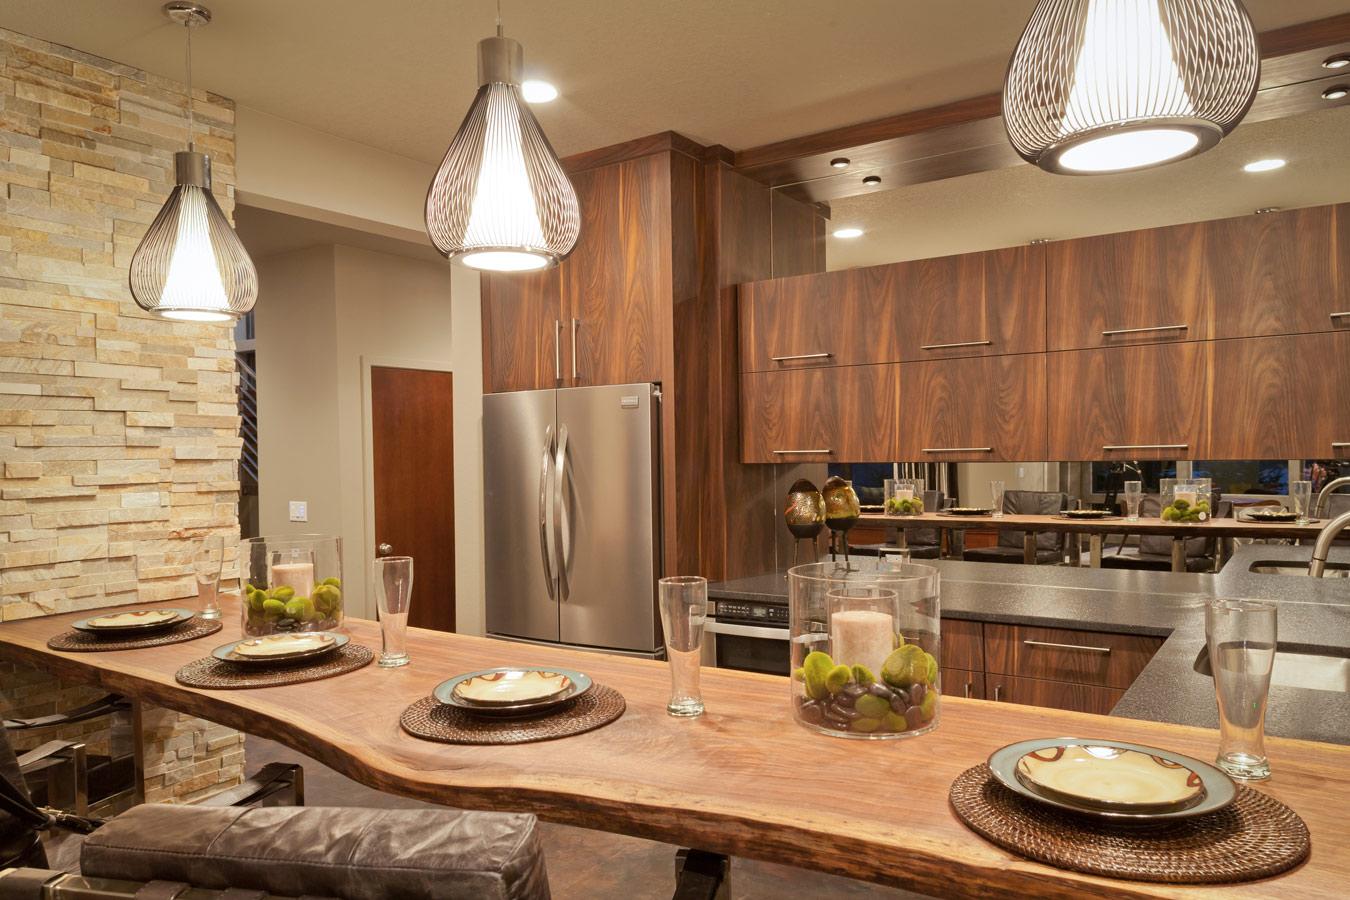 Landelijke Keuken Ideeen : Landelijke keuken ontwerpen: tips & inspiratie